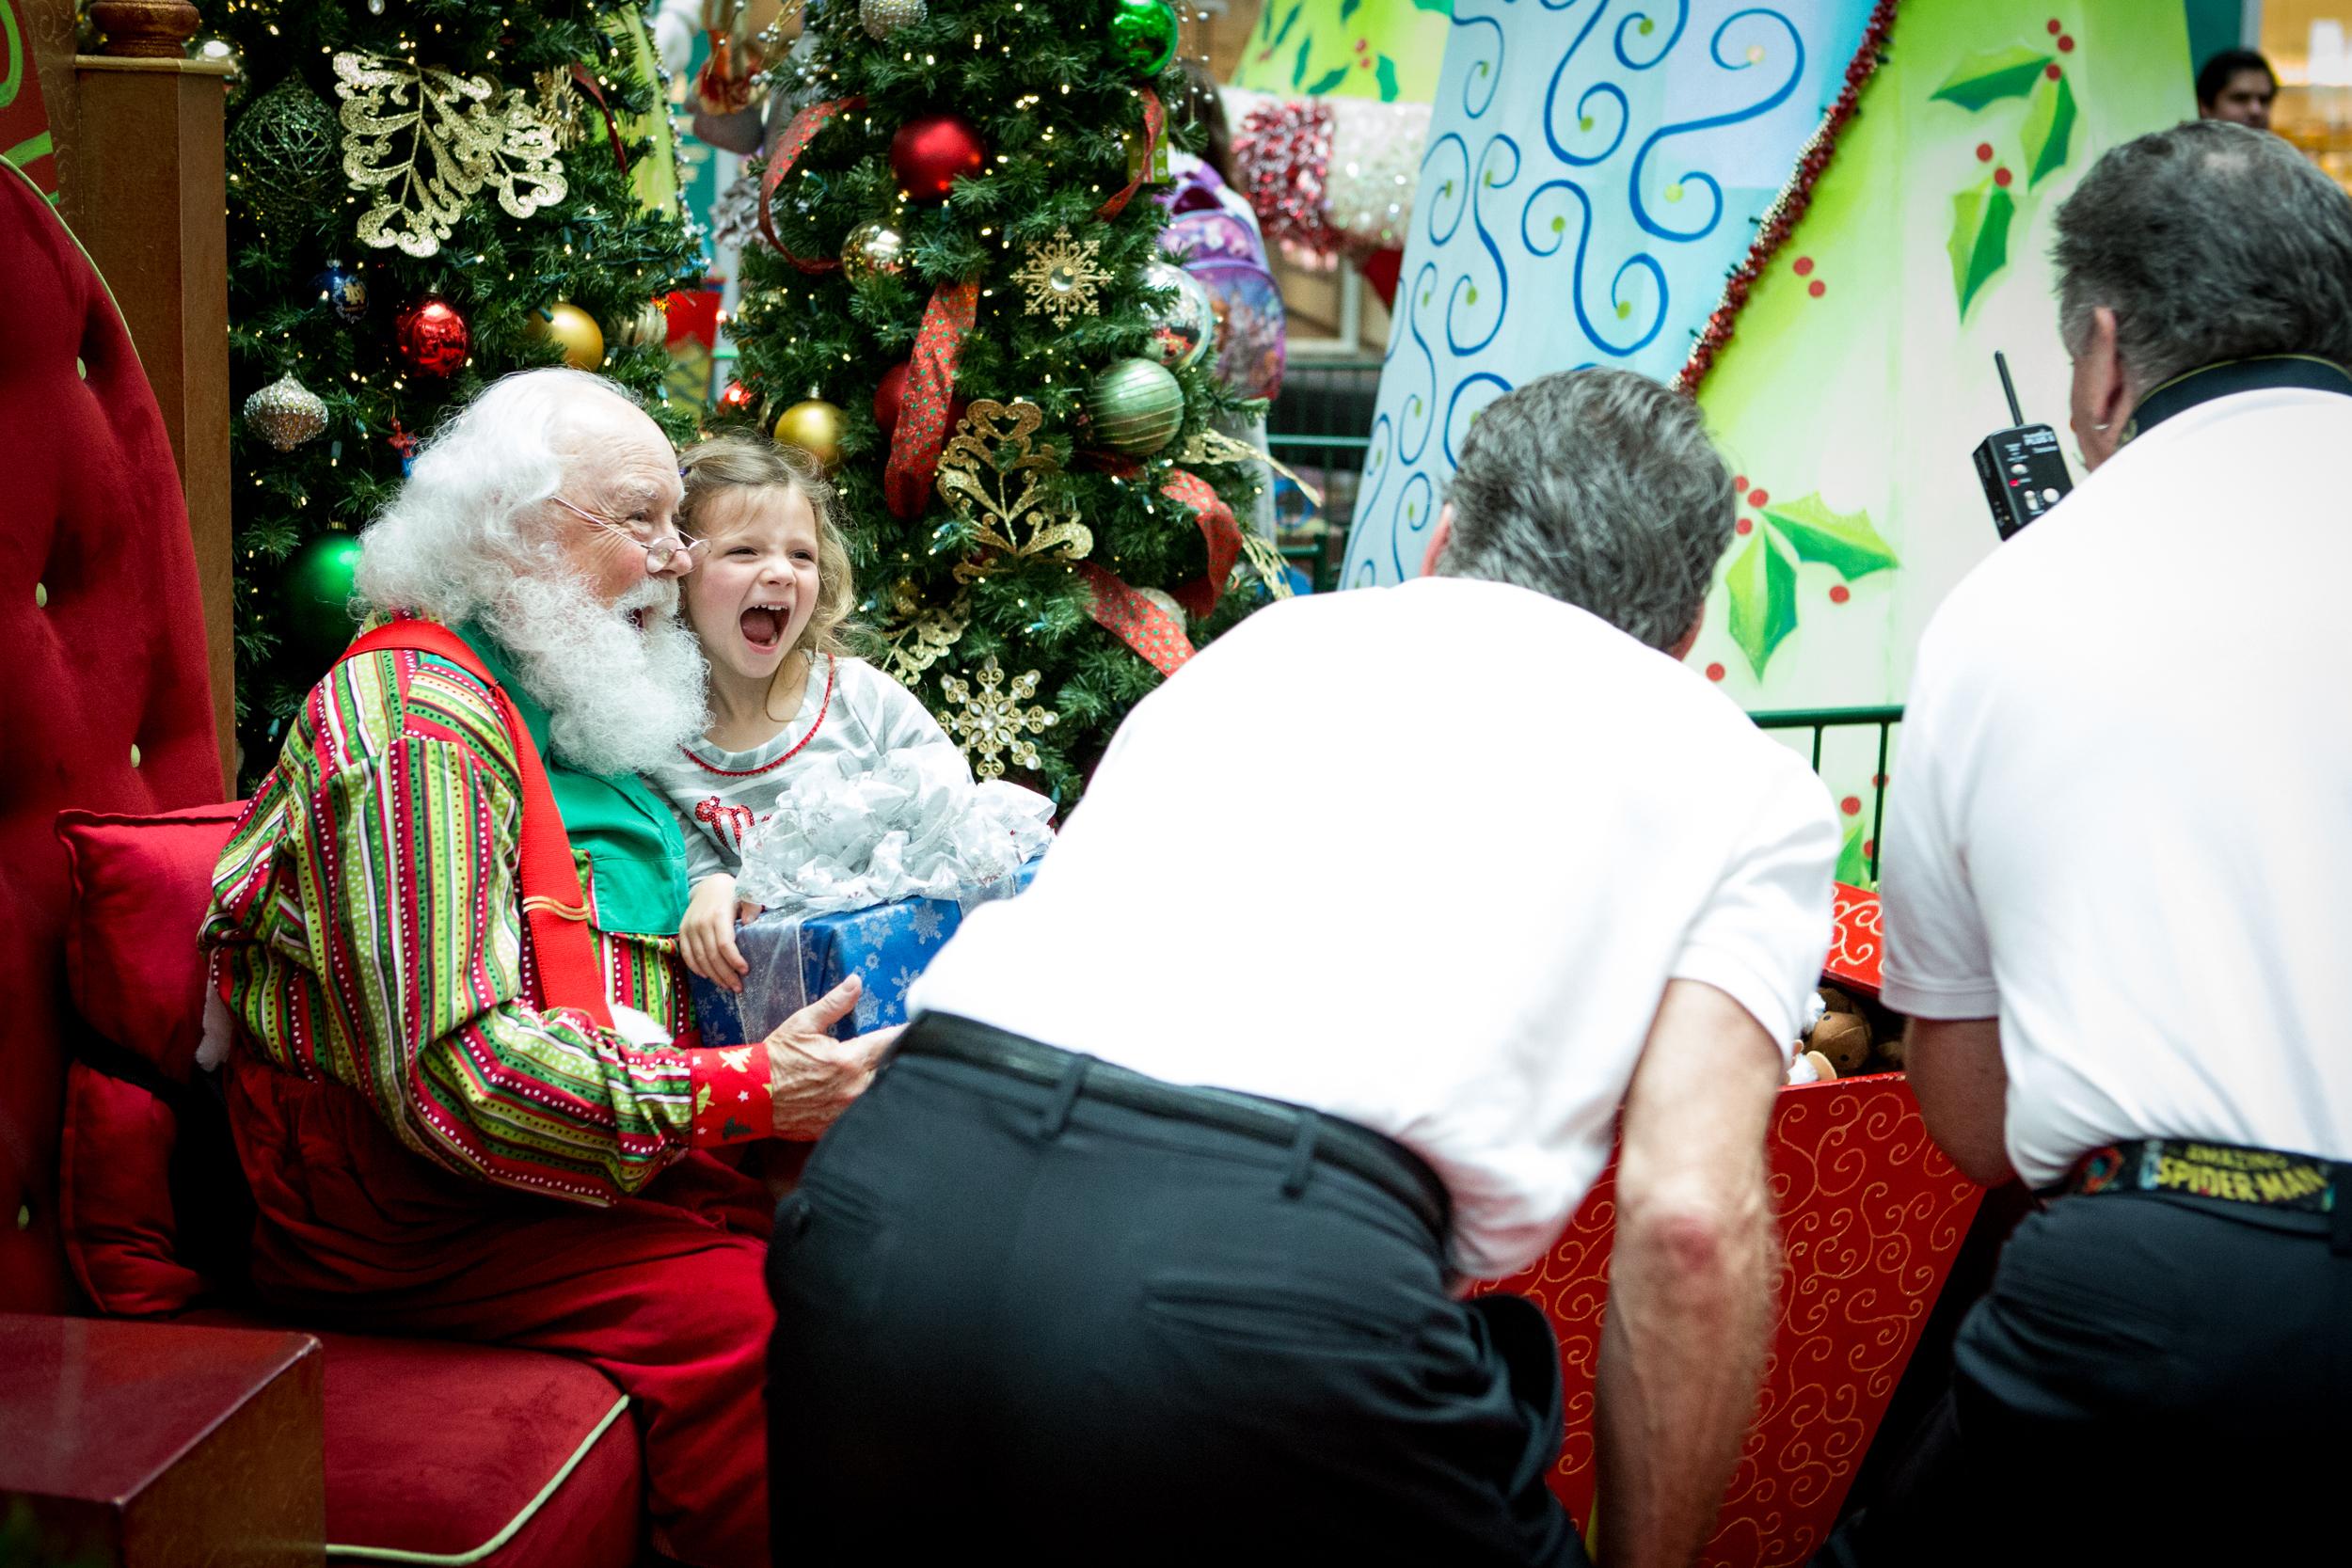 family-photographer-jacksonville-christmas-19.jpg